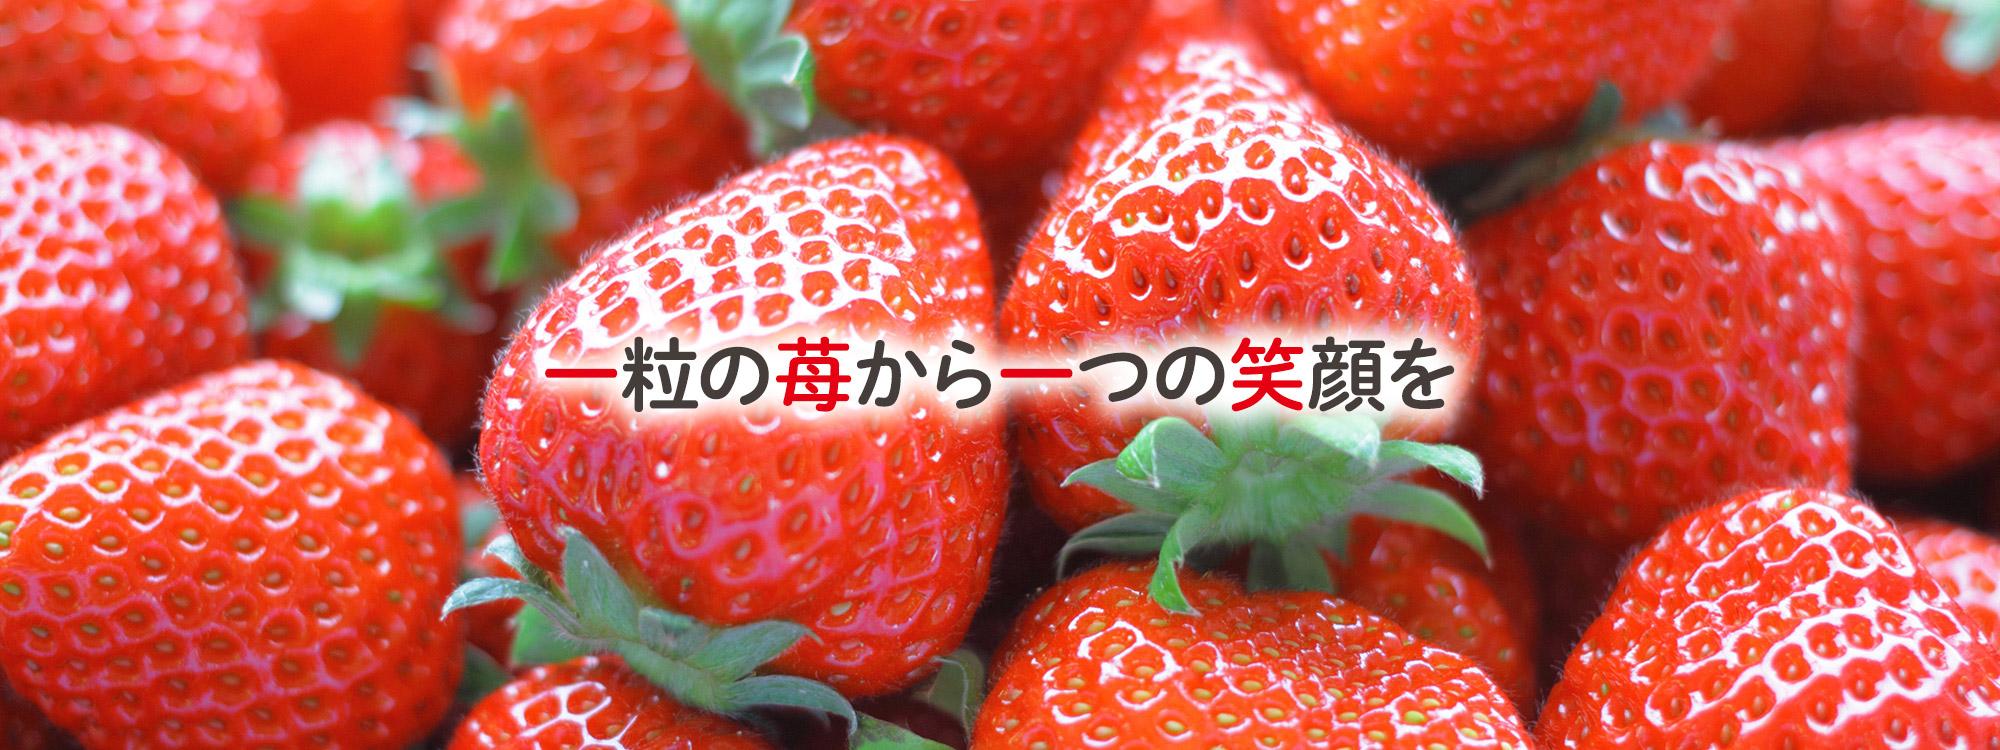 一粒の苺から一つの笑顔を